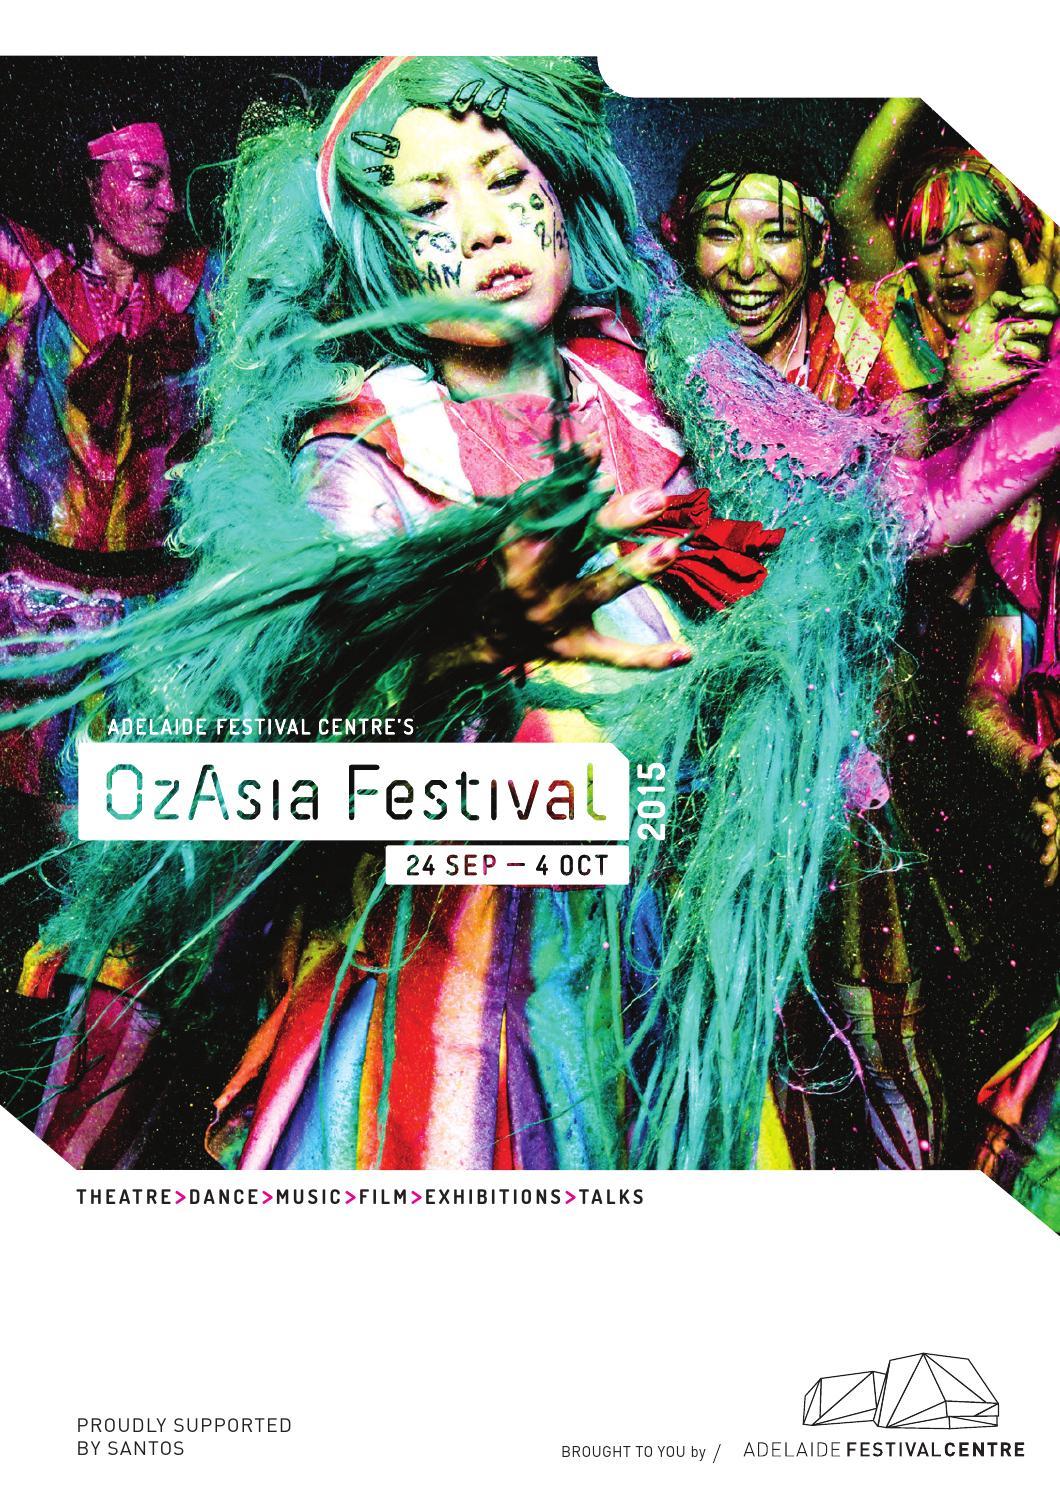 2013 OzAsia Festival Program by Adelaide Festival Centre - issuu